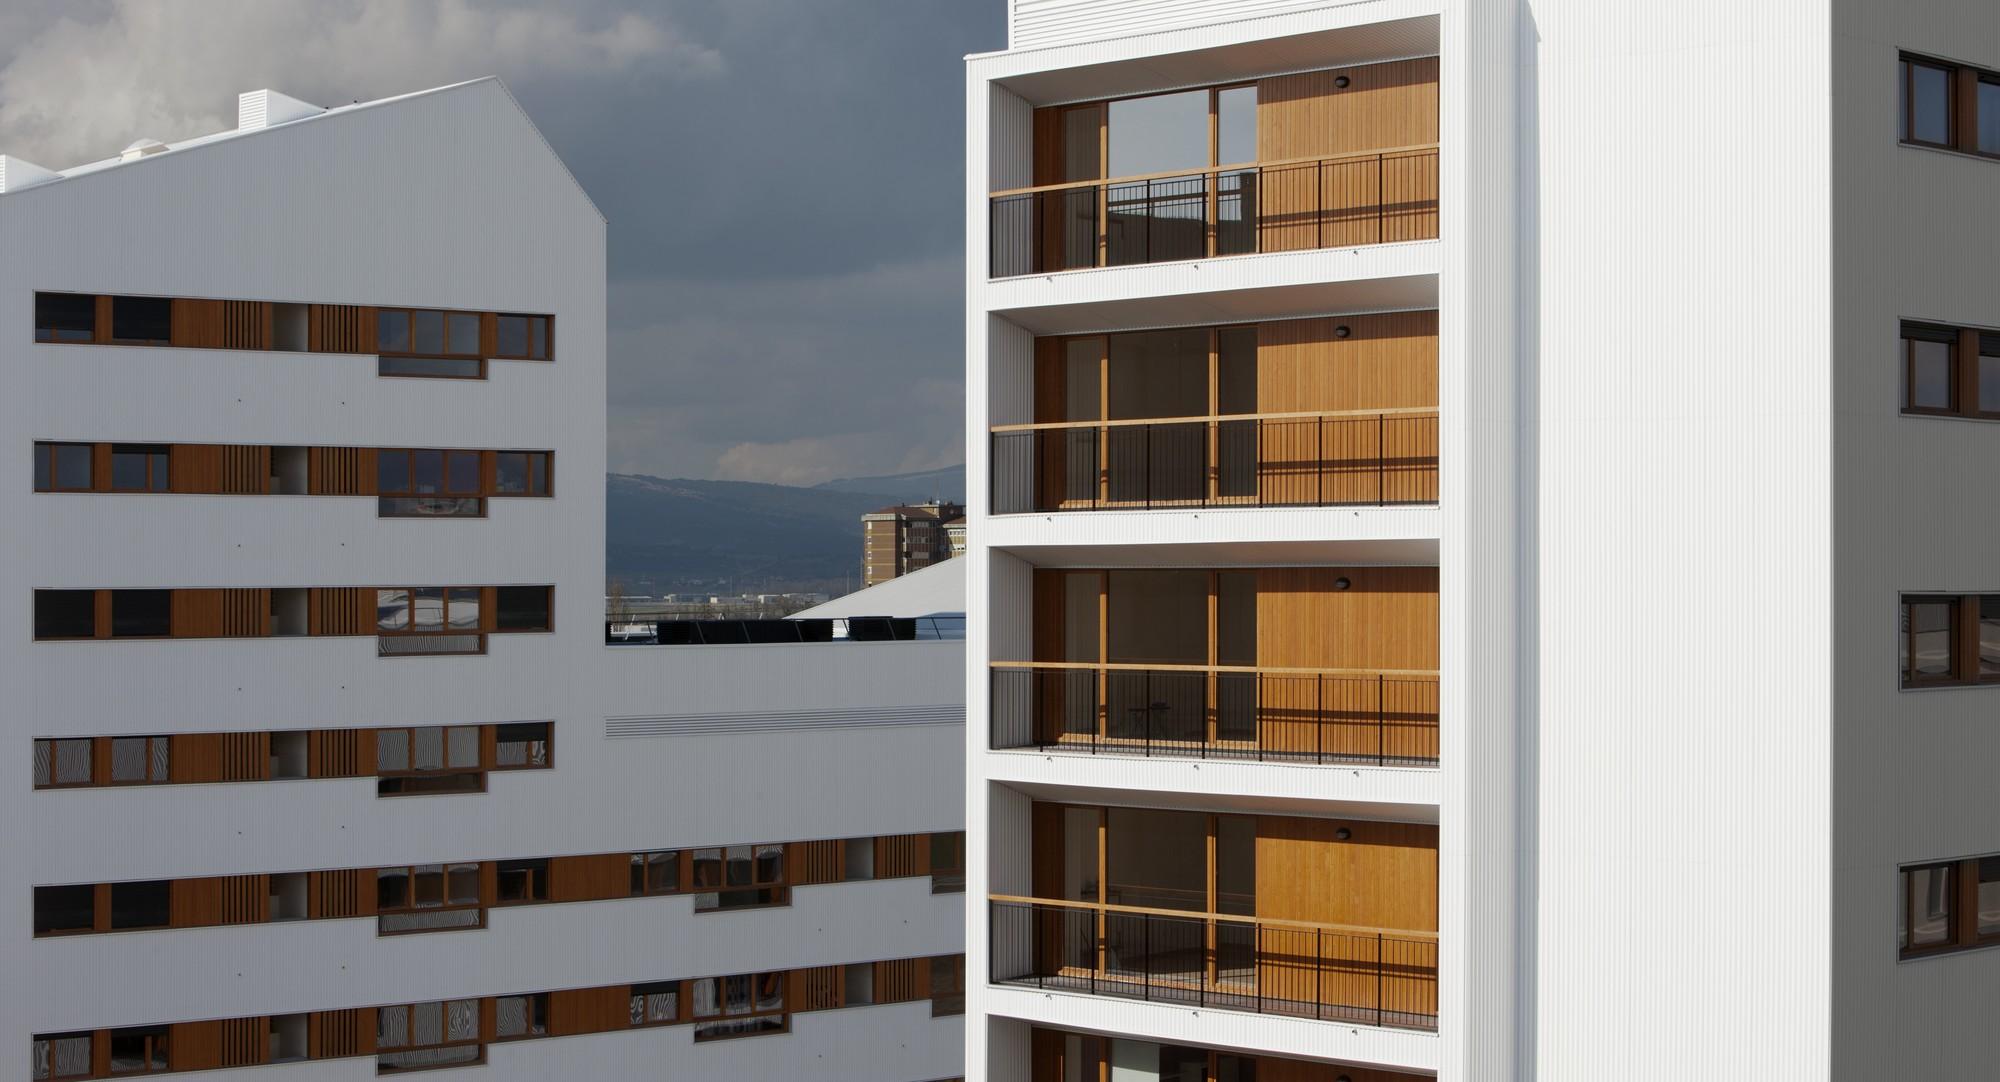 Galer a de nuevo grupo de viviendas de protecci n oficial en vitoria gasteiz acxt arquitectos 5 - Arquitectos en vitoria ...